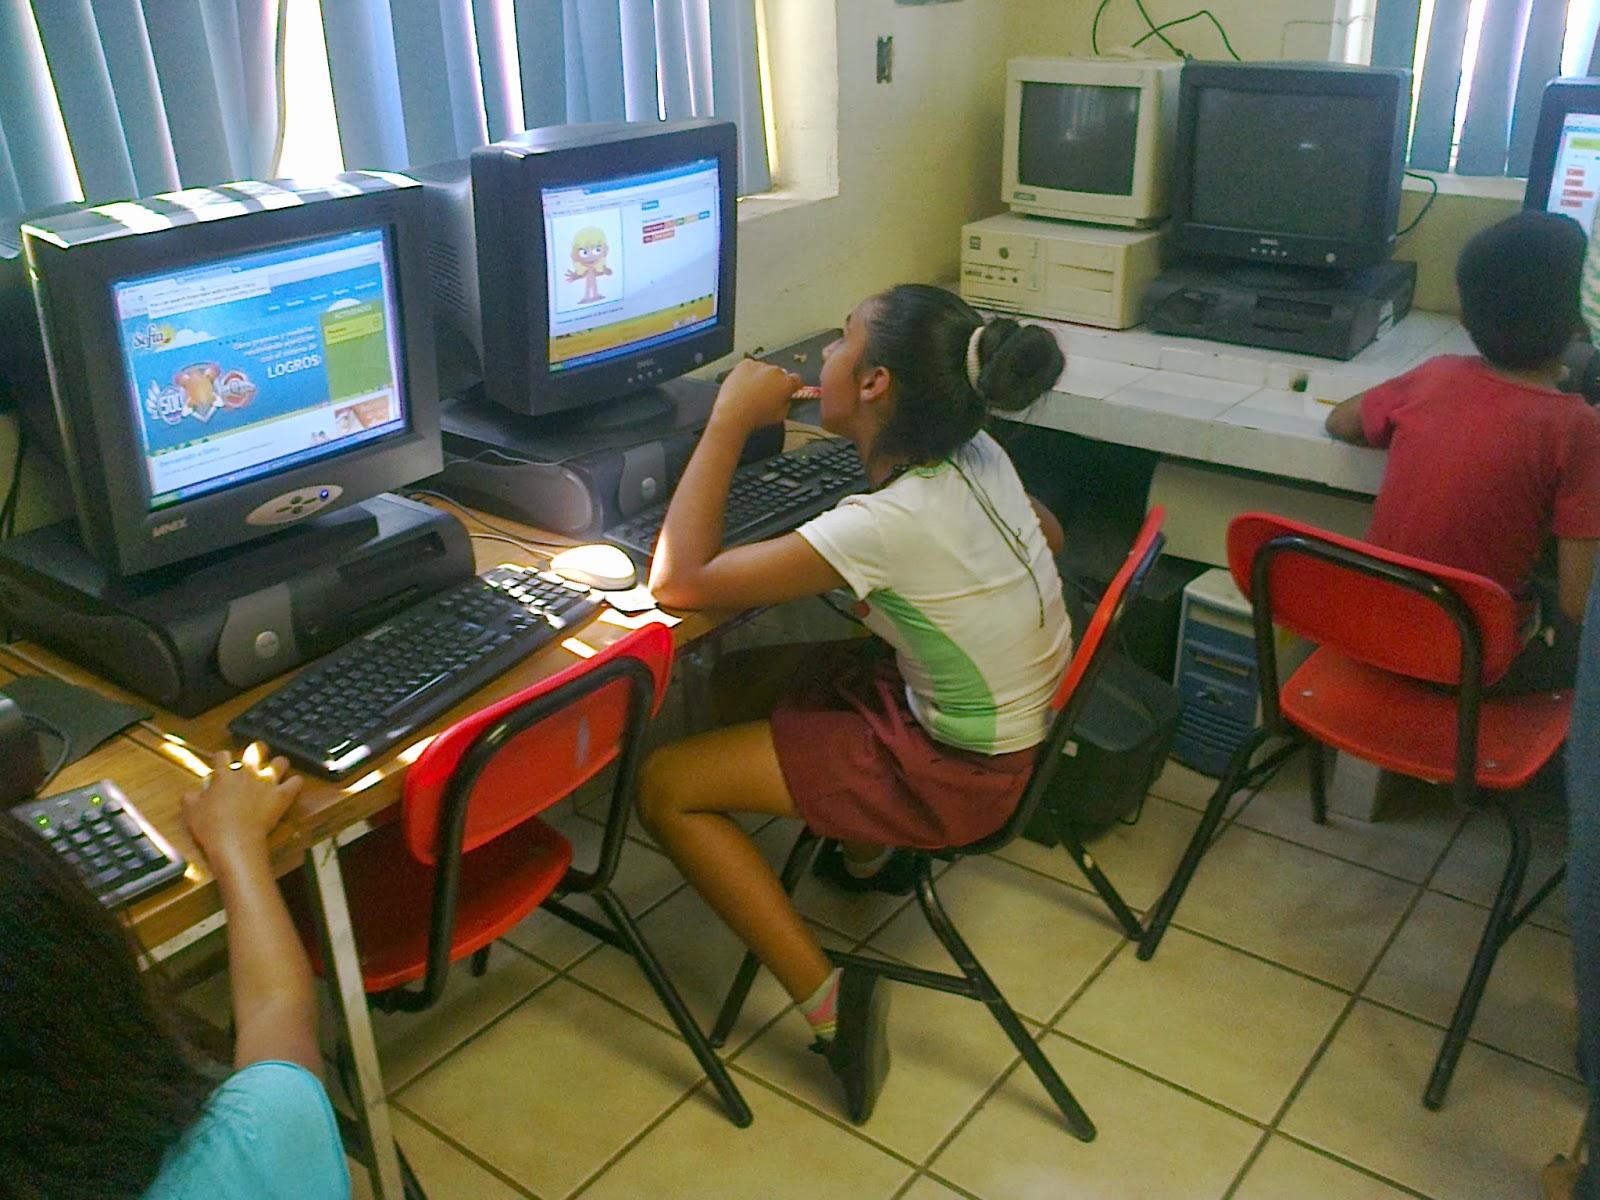 Alumna del 28 de mayo en el parque mamando guayaquil - 4 8